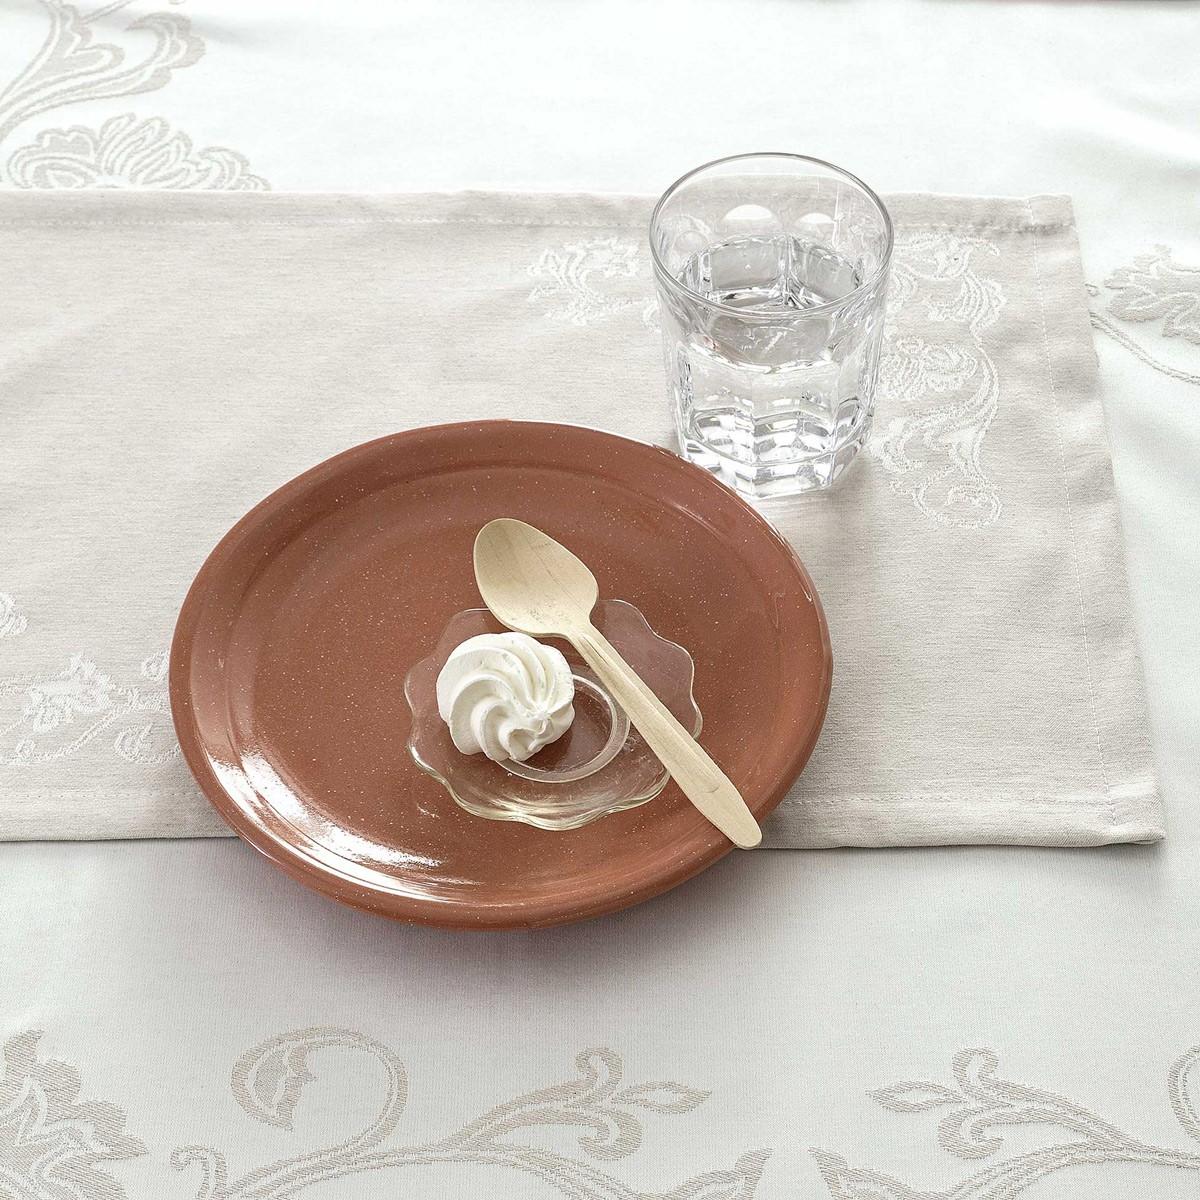 Σουπλά (Σετ 2τμχ) Nima Table Linen Elodie Beige